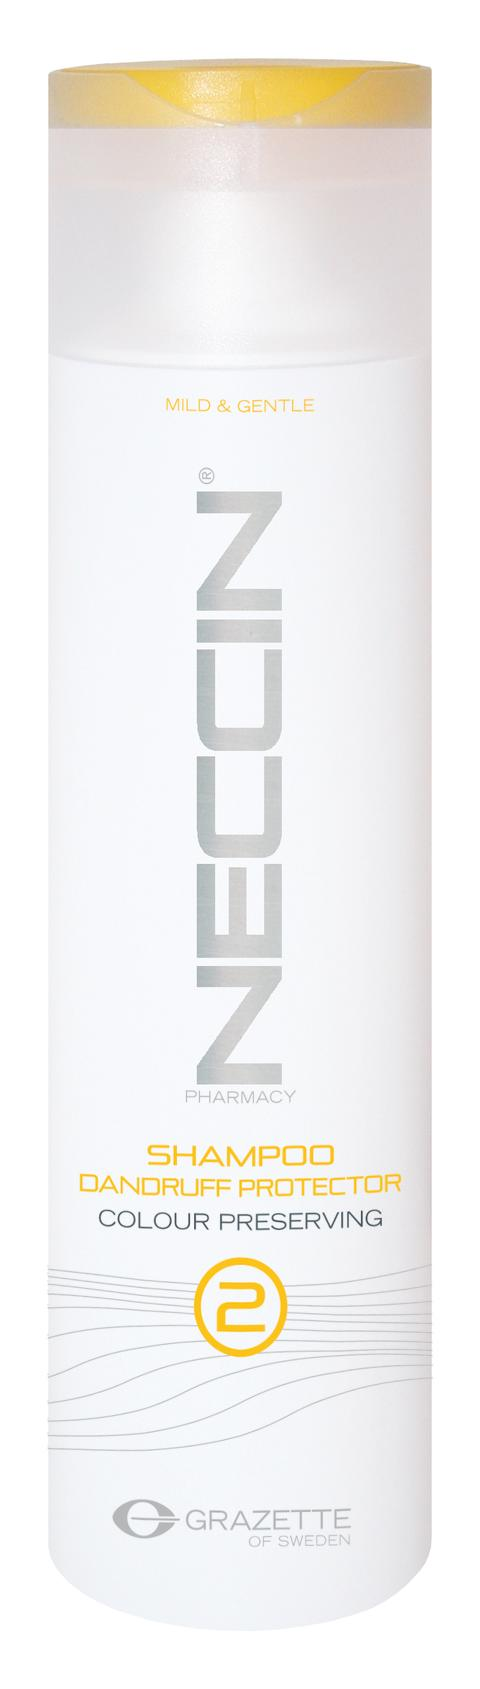 Neccin 2 Shampoo Dandruff Protector